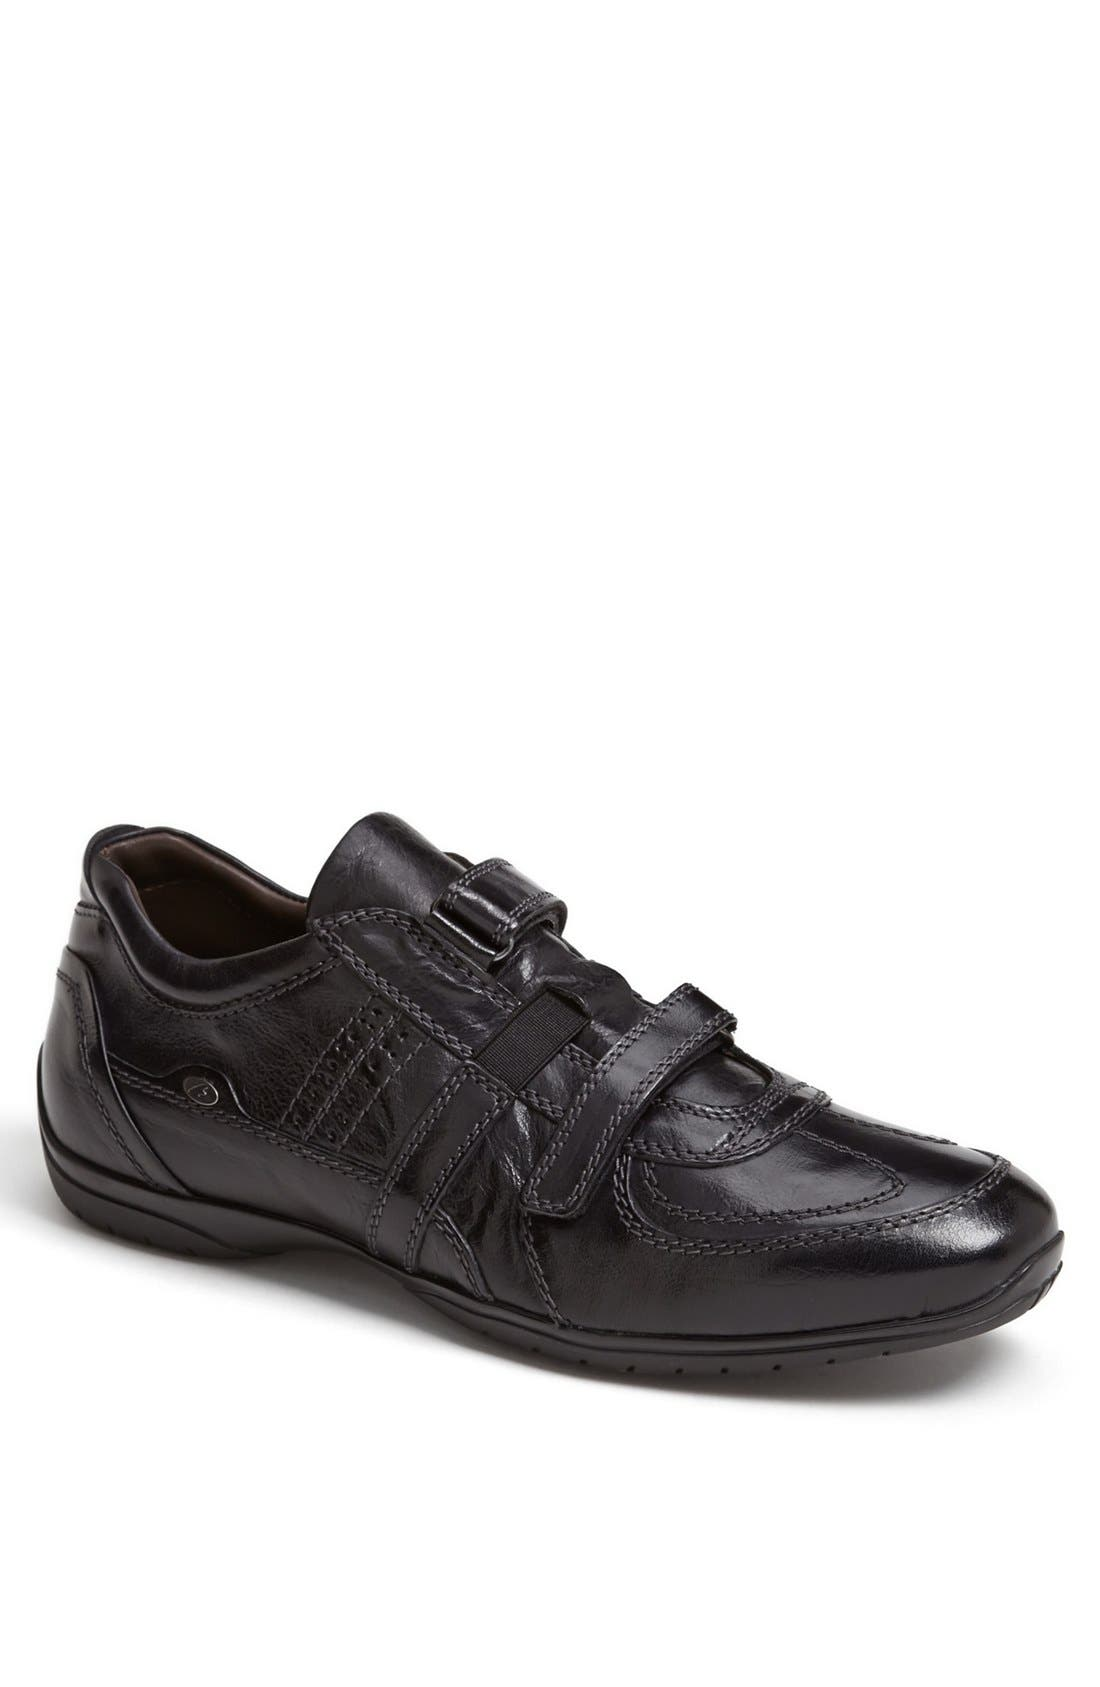 Main Image - Bacco Bucci 'Punto' Sneaker